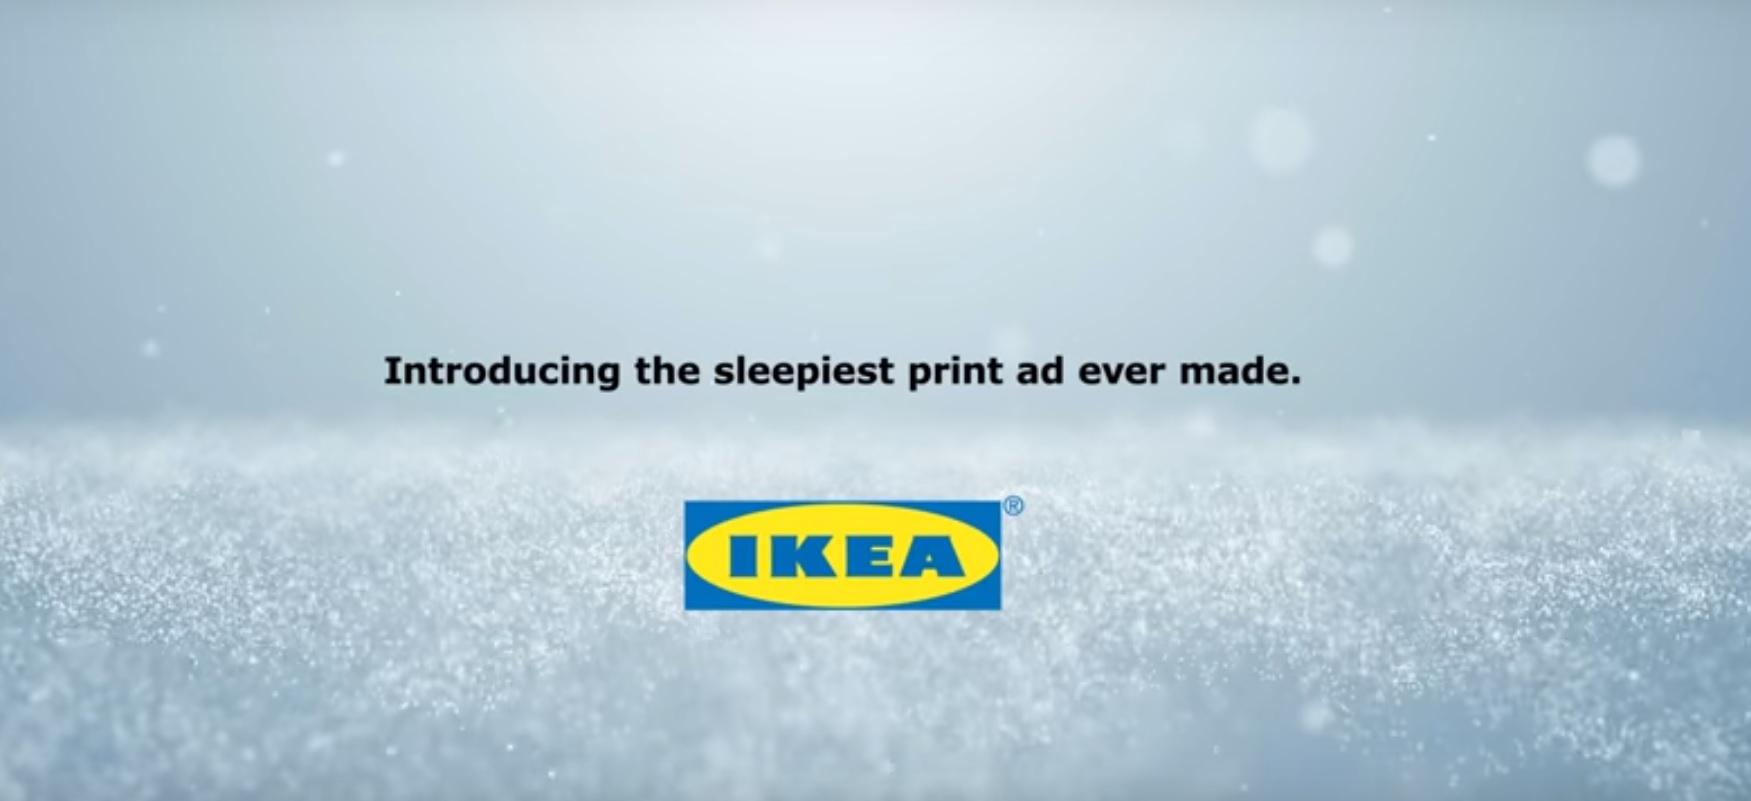 IKEA pokazuje, że reklama prasowa może być jeszcze kreatywna